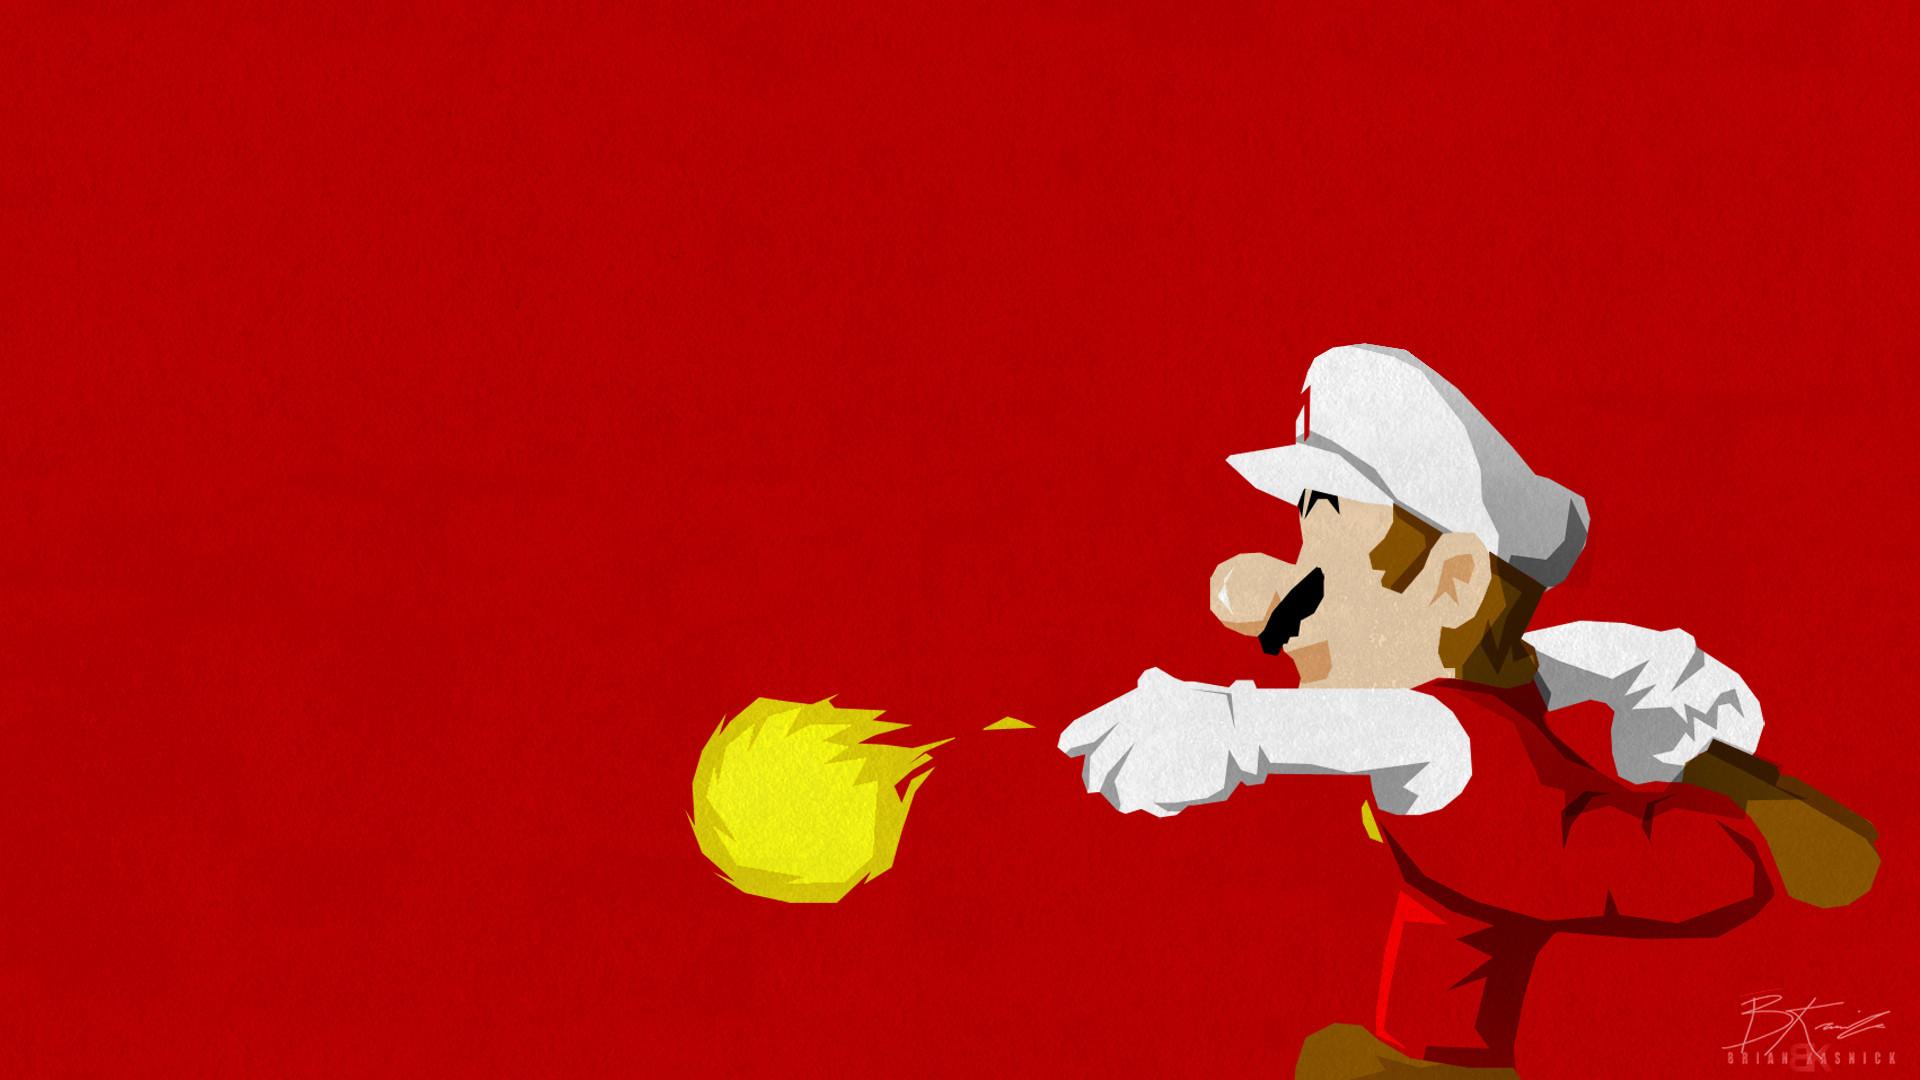 Super Mario Wallpaper Iphone 5 New Super Mario Bros Papel De Parede Hd Plano De Fundo